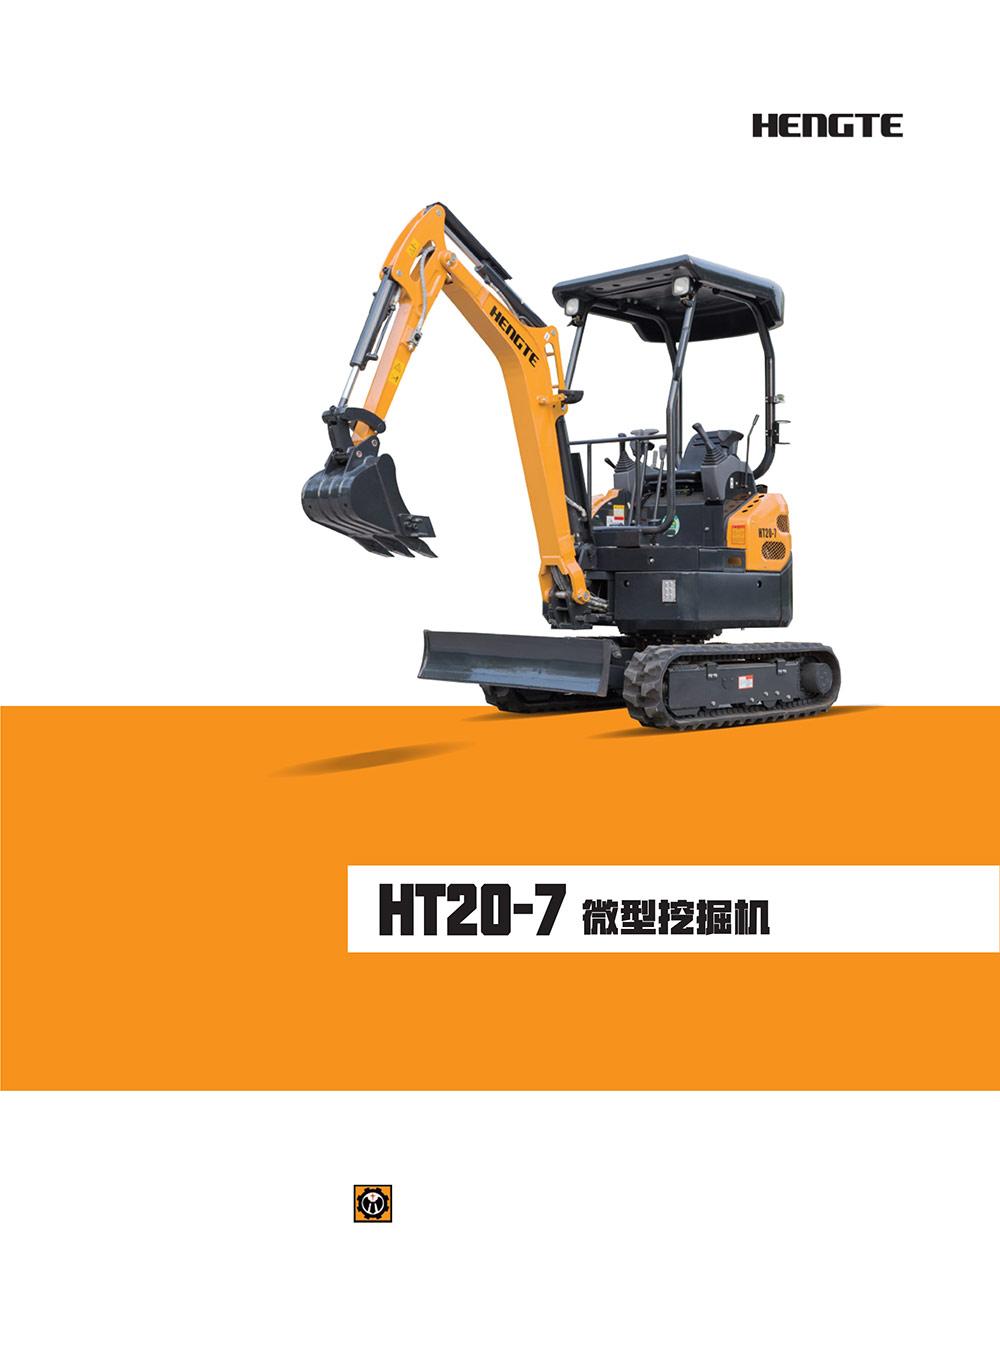 恒特HT20-7微型挖掘机电子样本